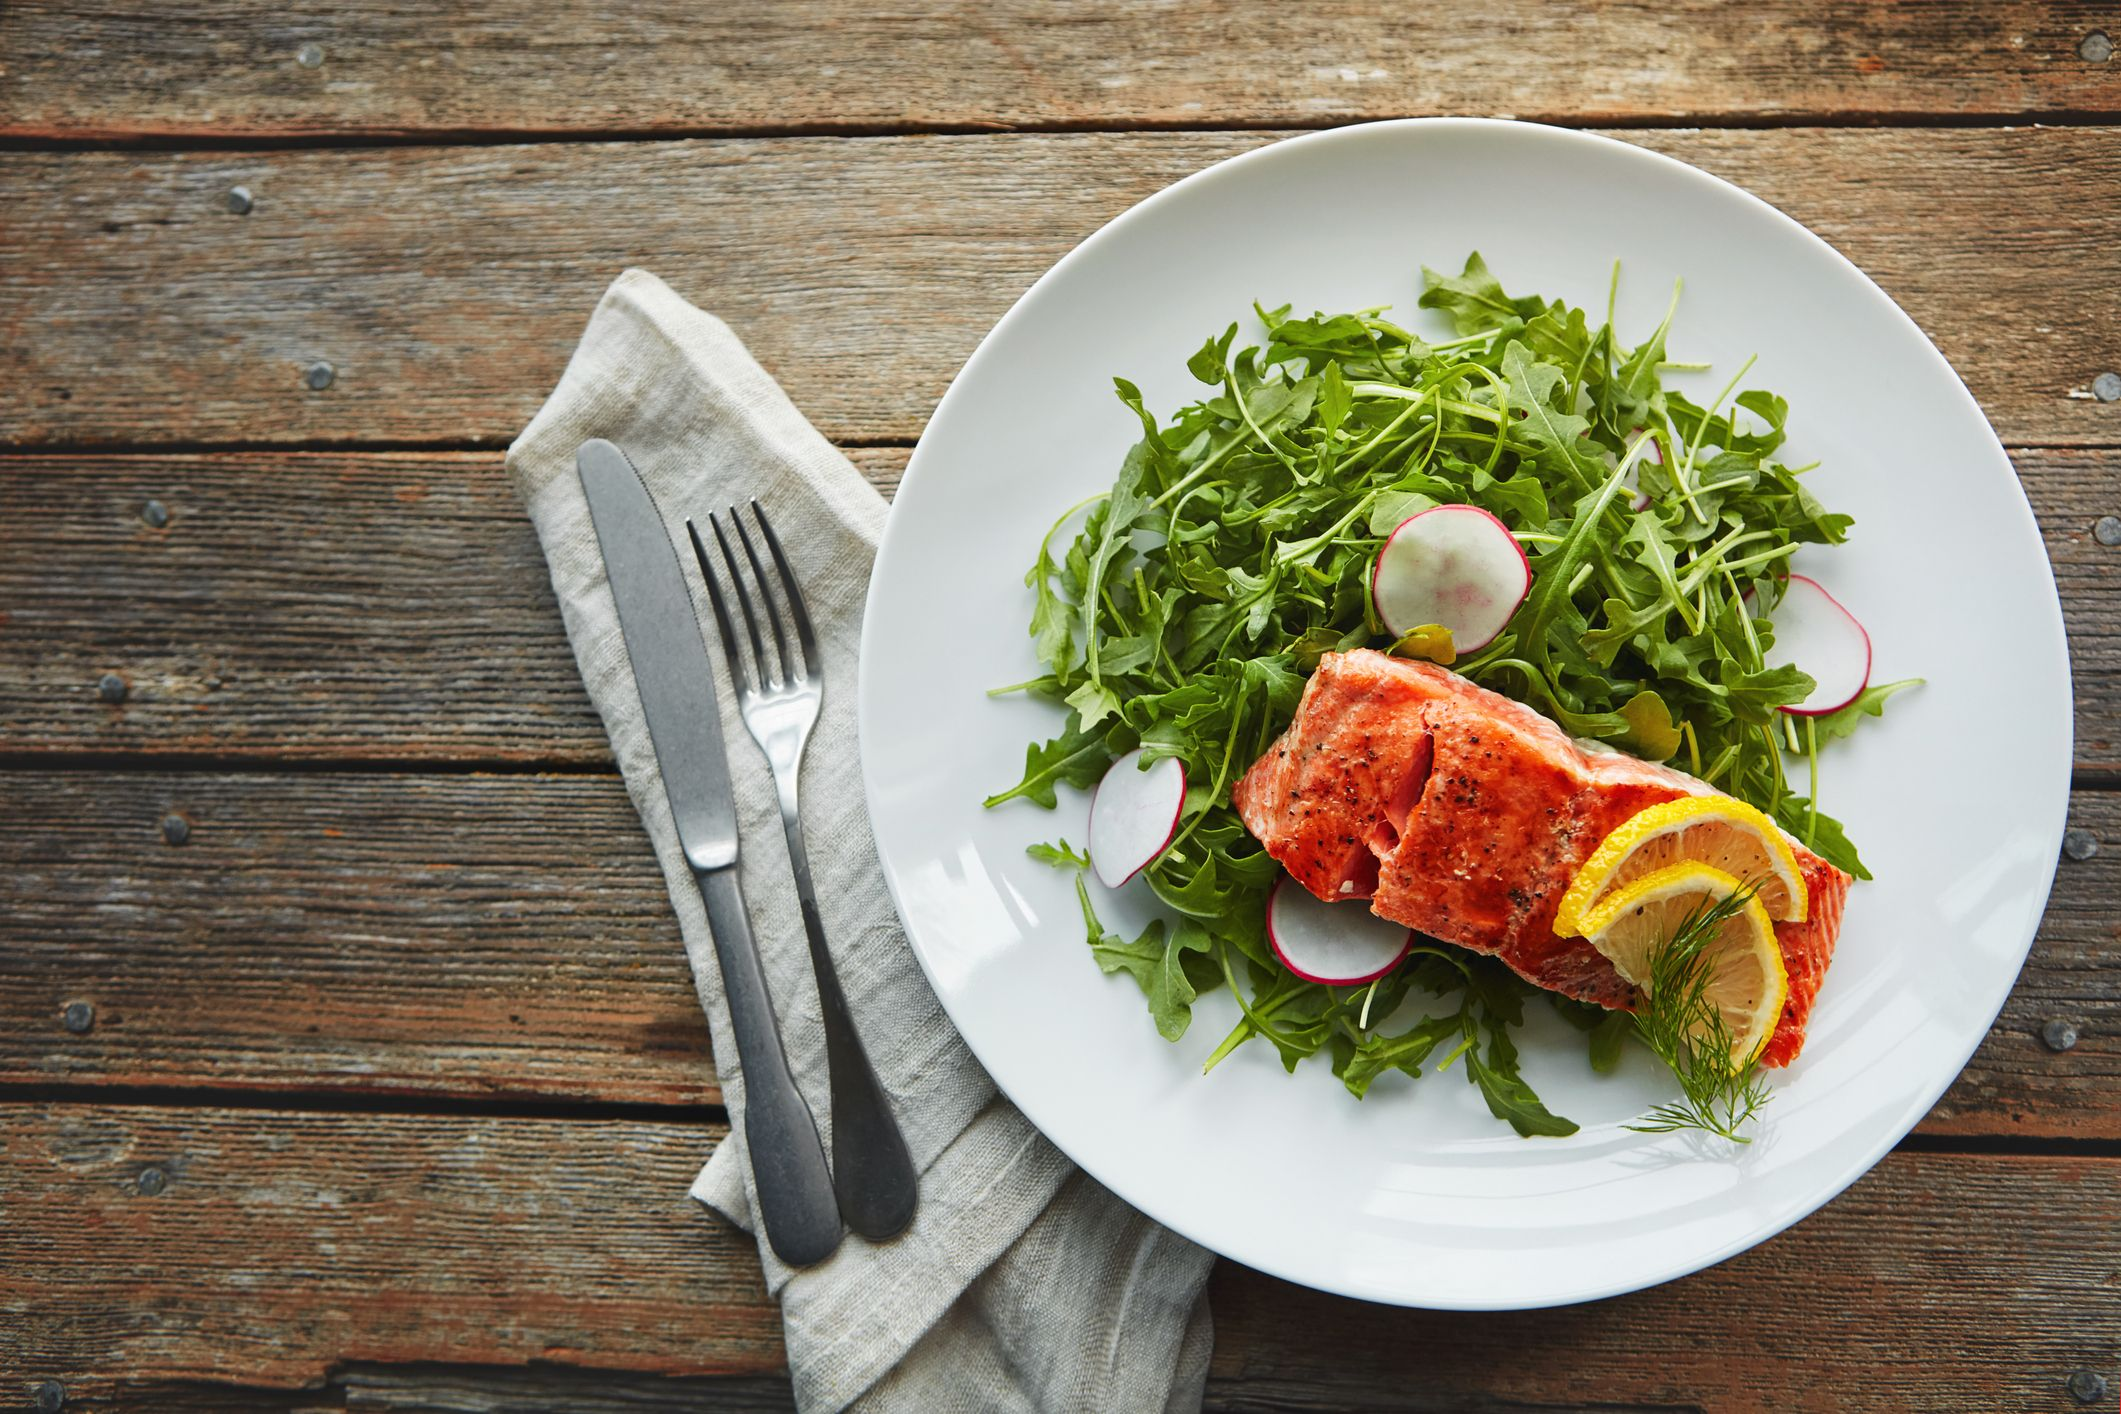 El salmón, bonito, atún o las sardinas son pescados azules ricos en ácidos grasos Omega 3.